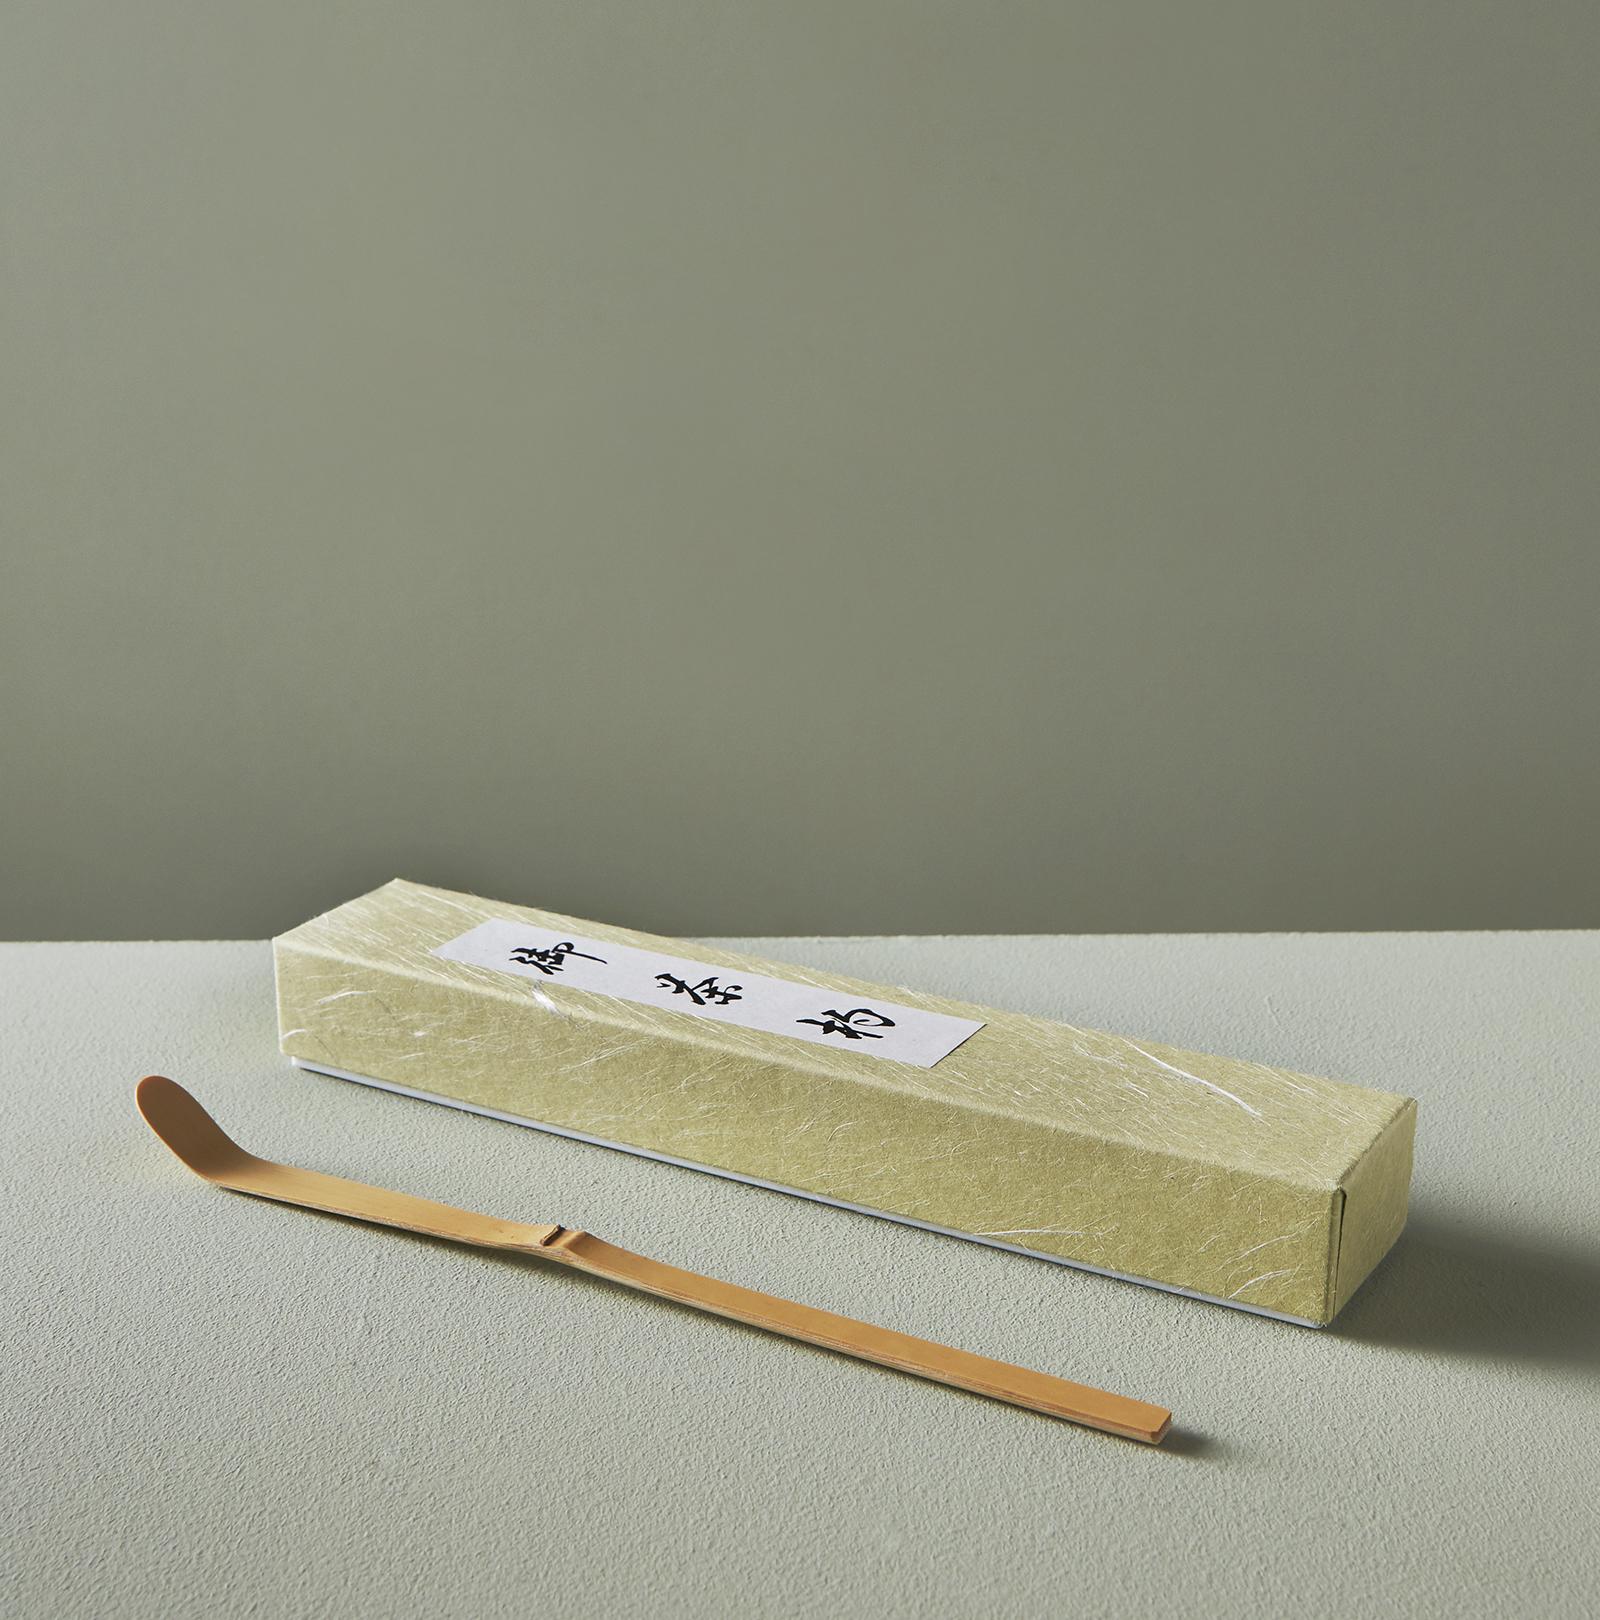 Chashaku Bamboo Matcha Spoon